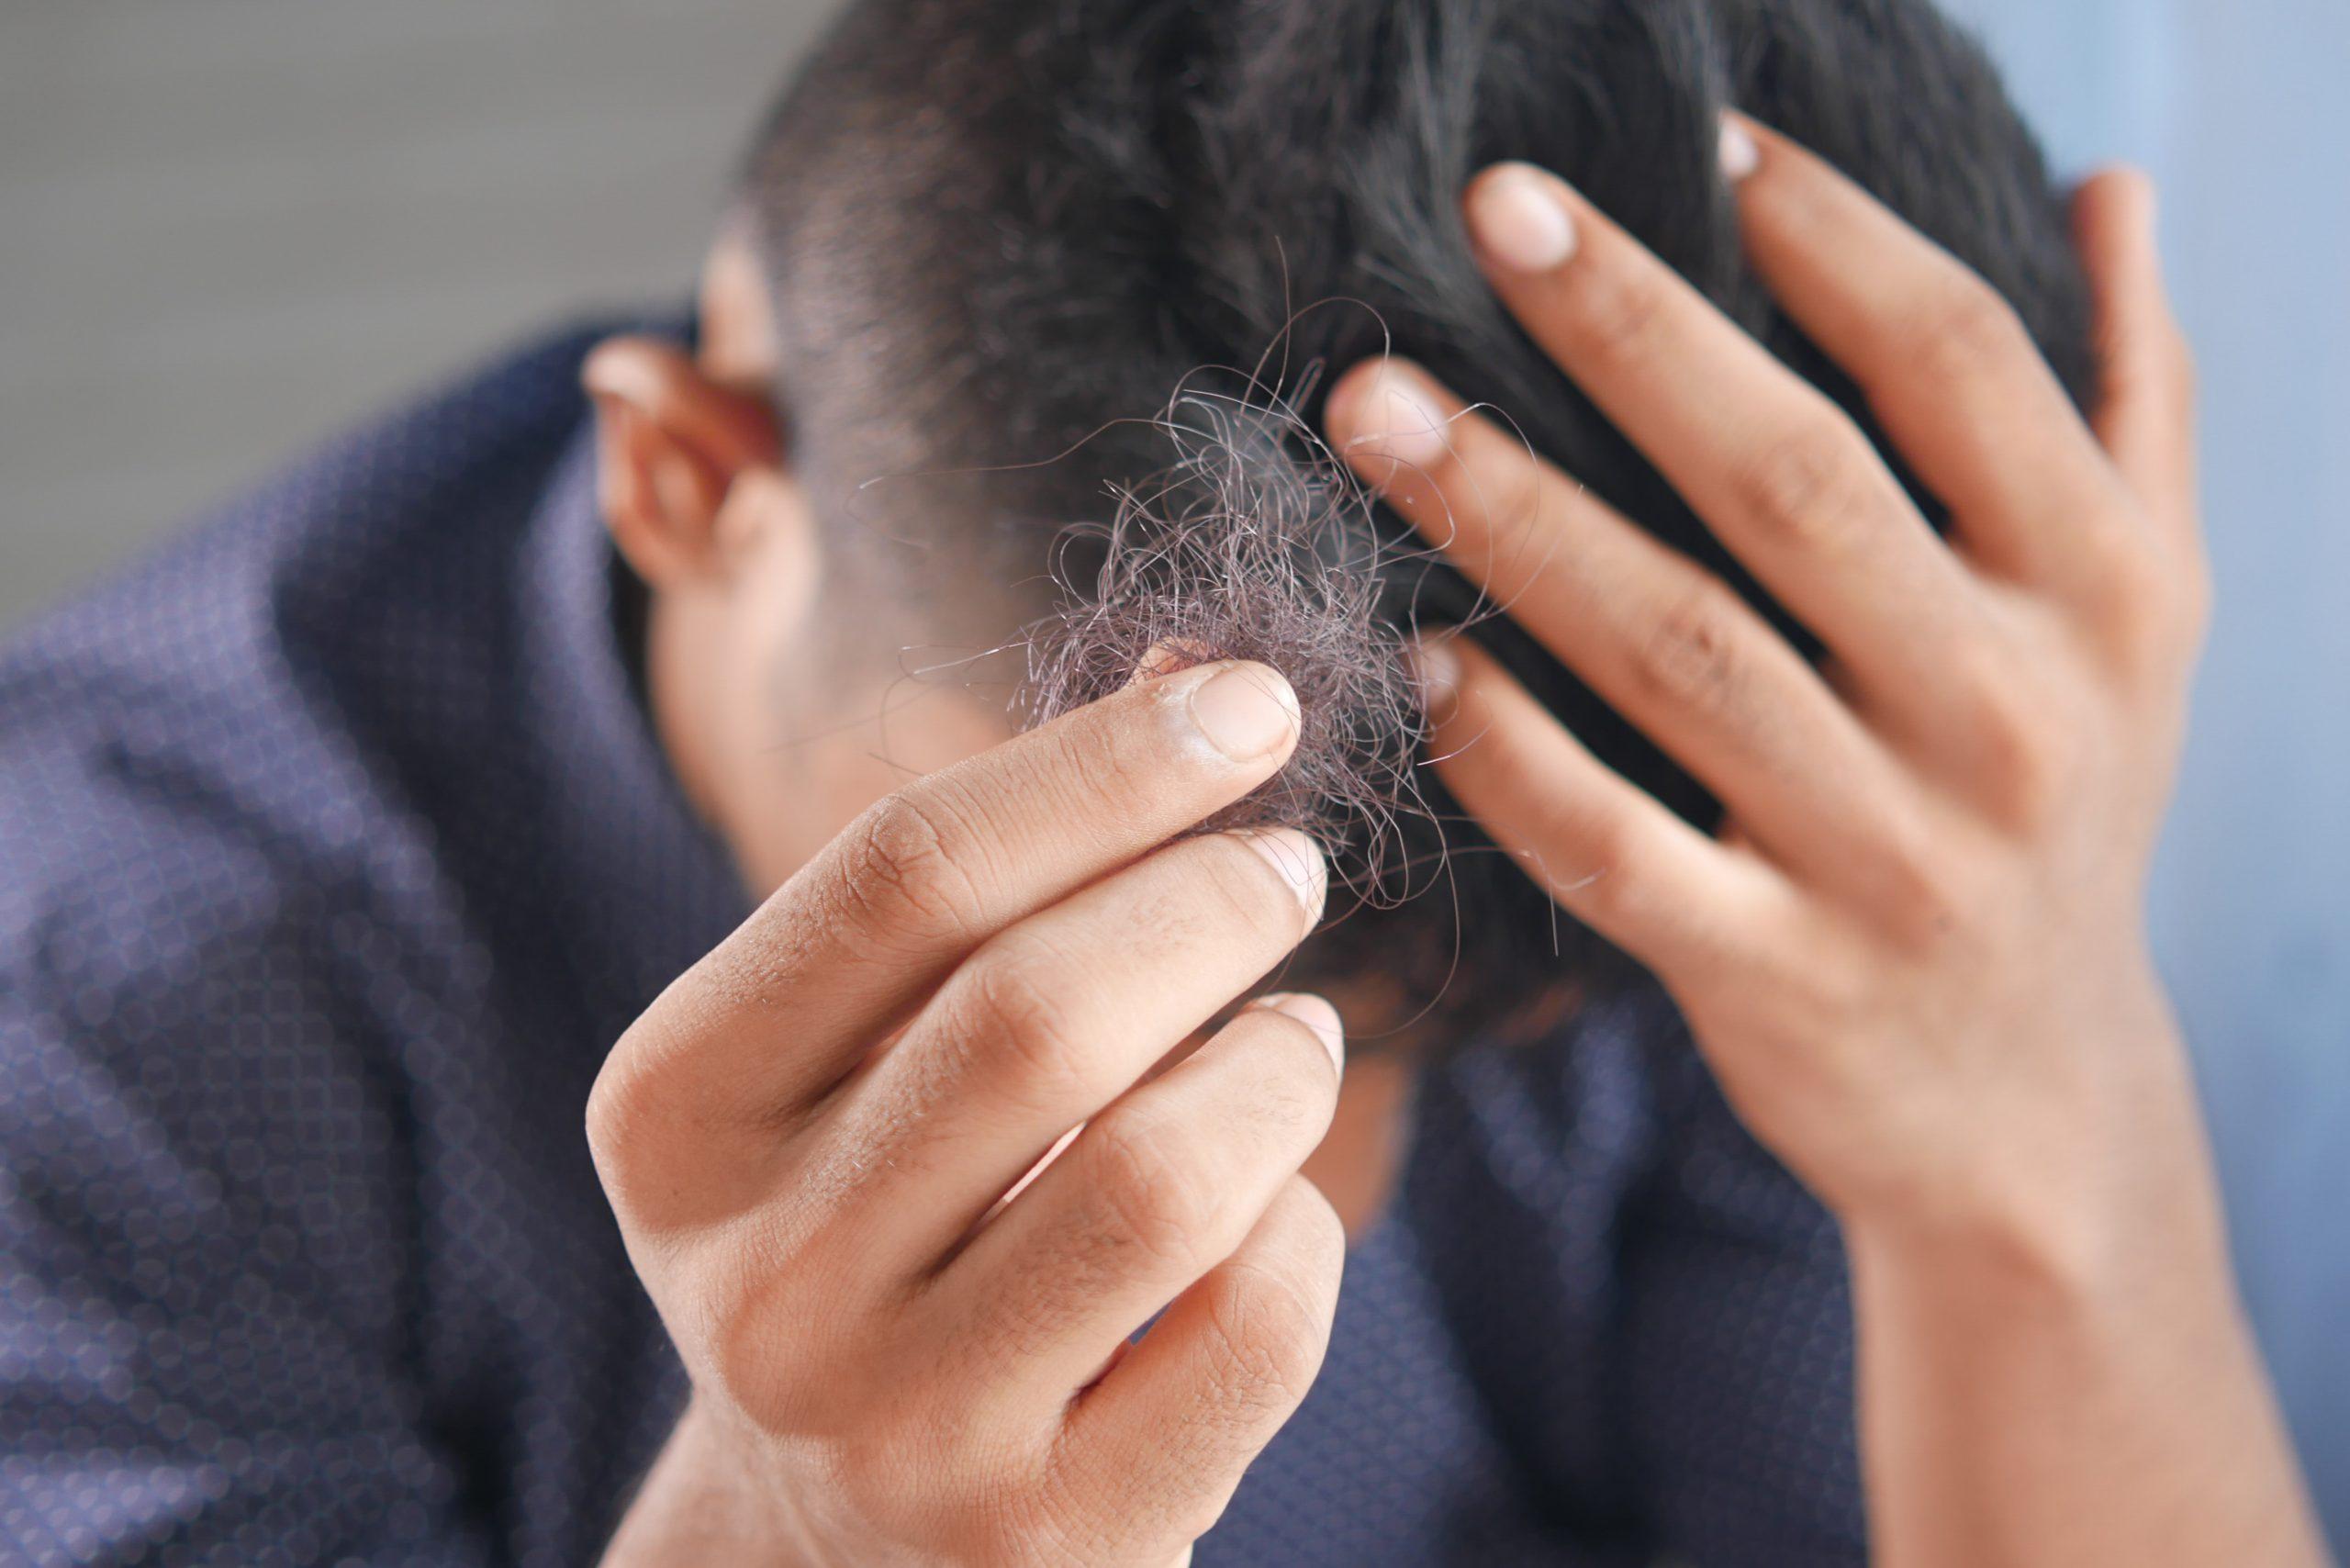 Alopecia MAGA: ¿Qué es y cuáles son sus síntomas?